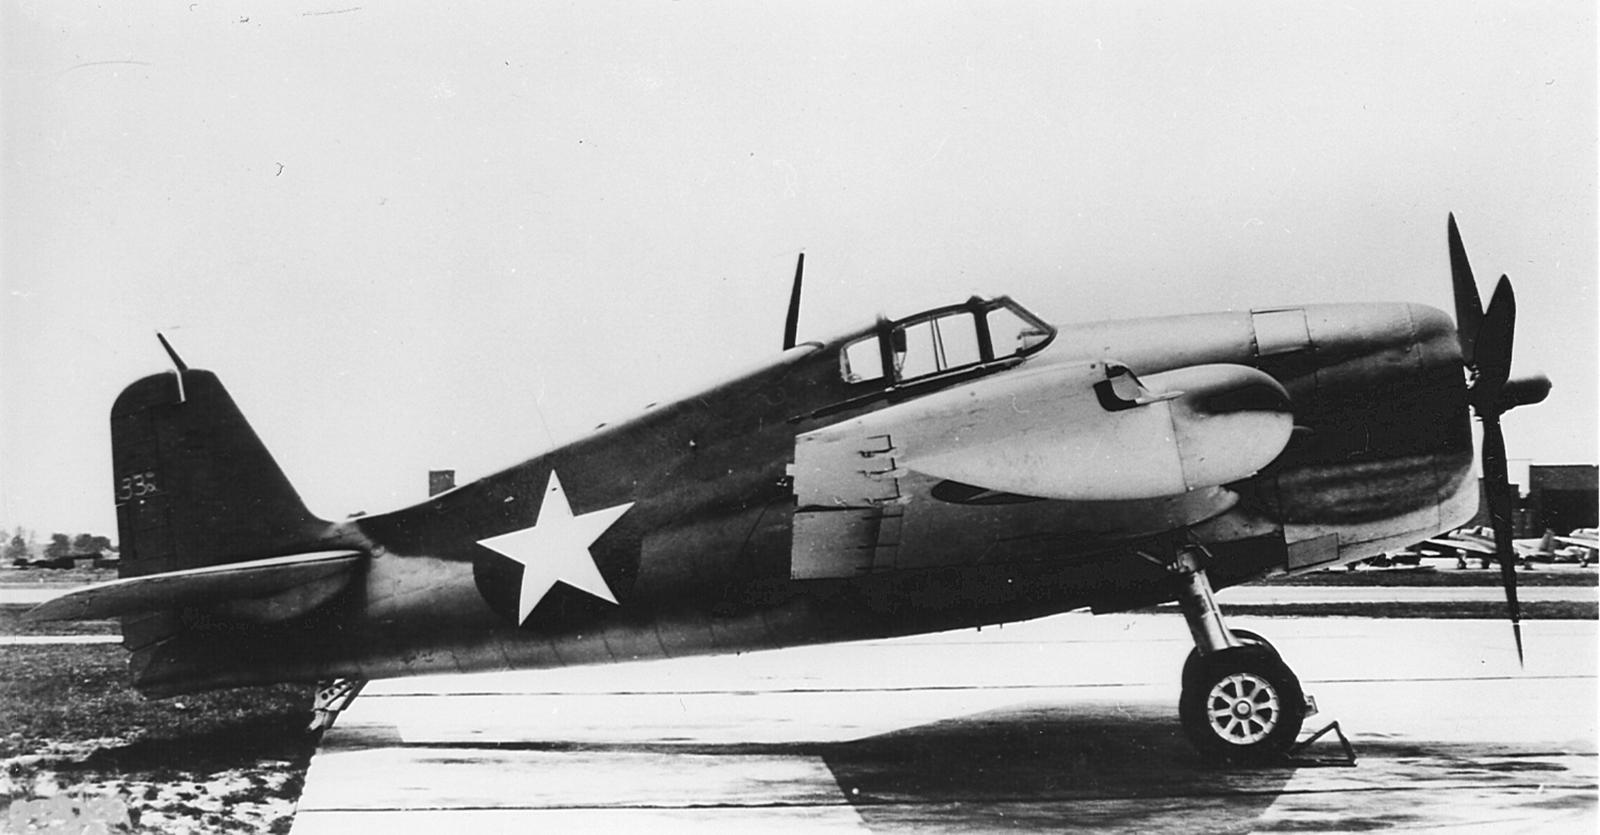 Grumman F6F 3N Hellcat NATC with experimental airborne intercept radar on this F6F 3 01